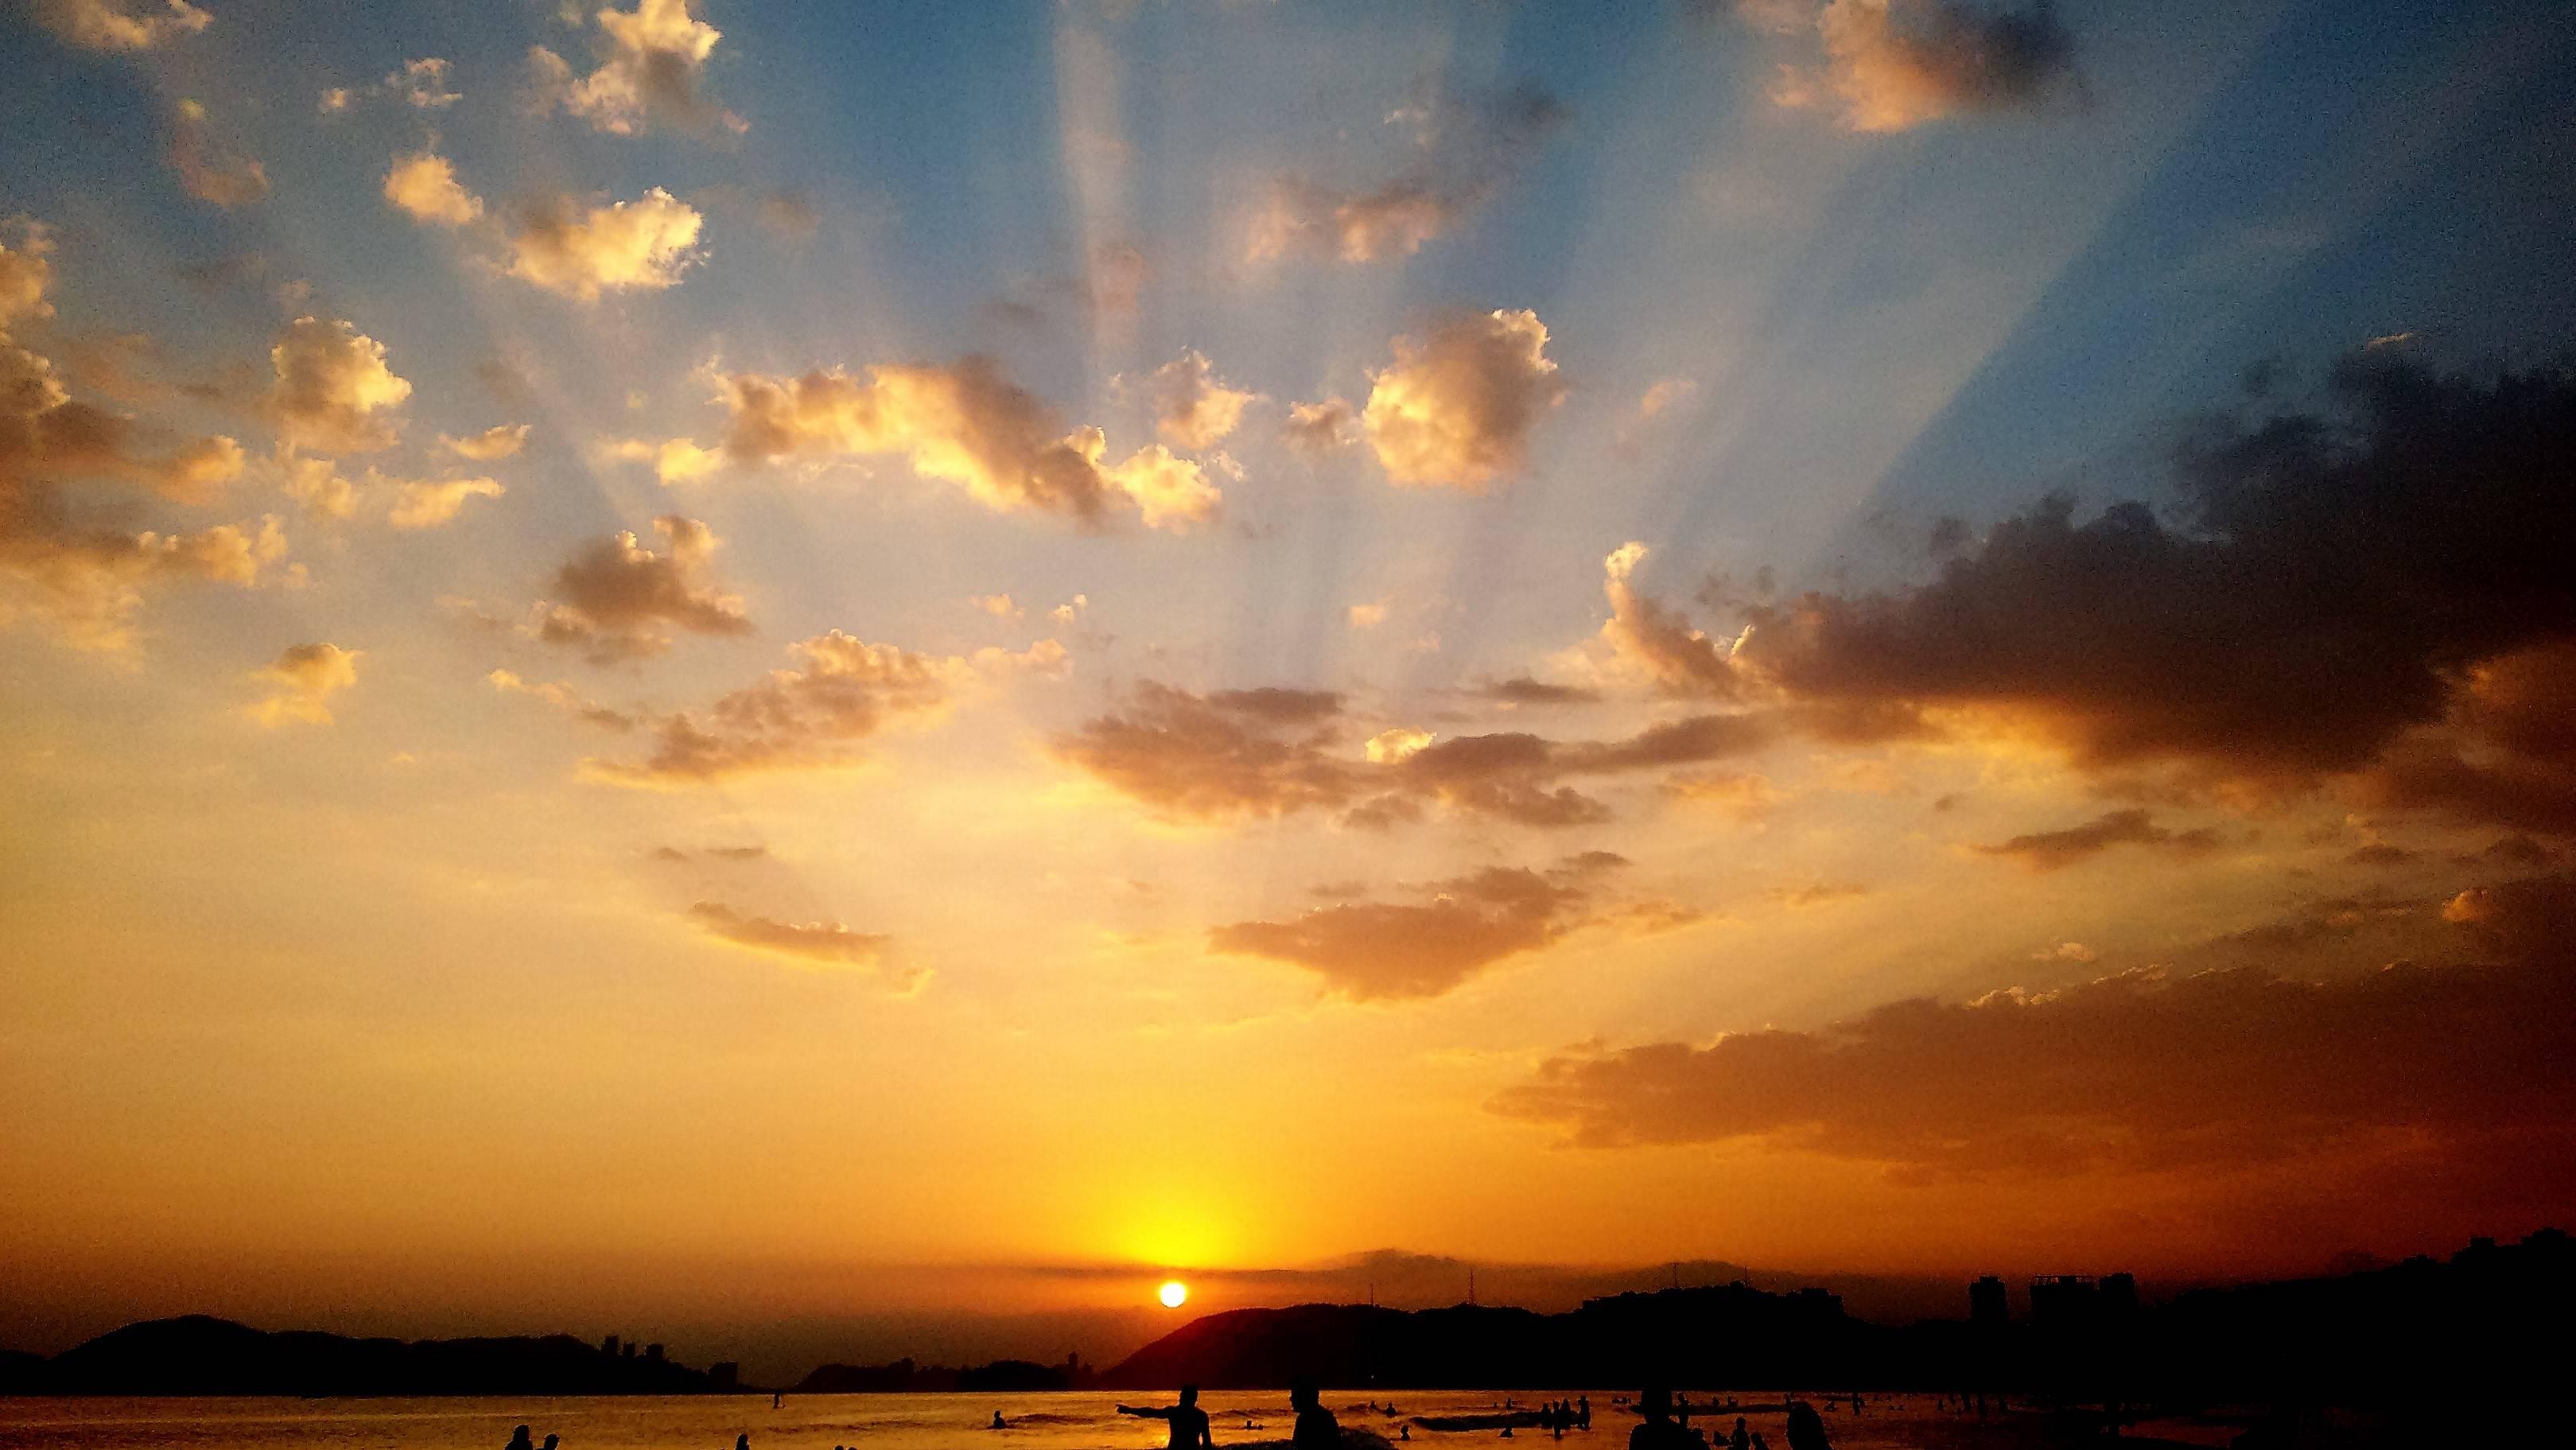 www.juicysantos.com.br - praia de santos no verão